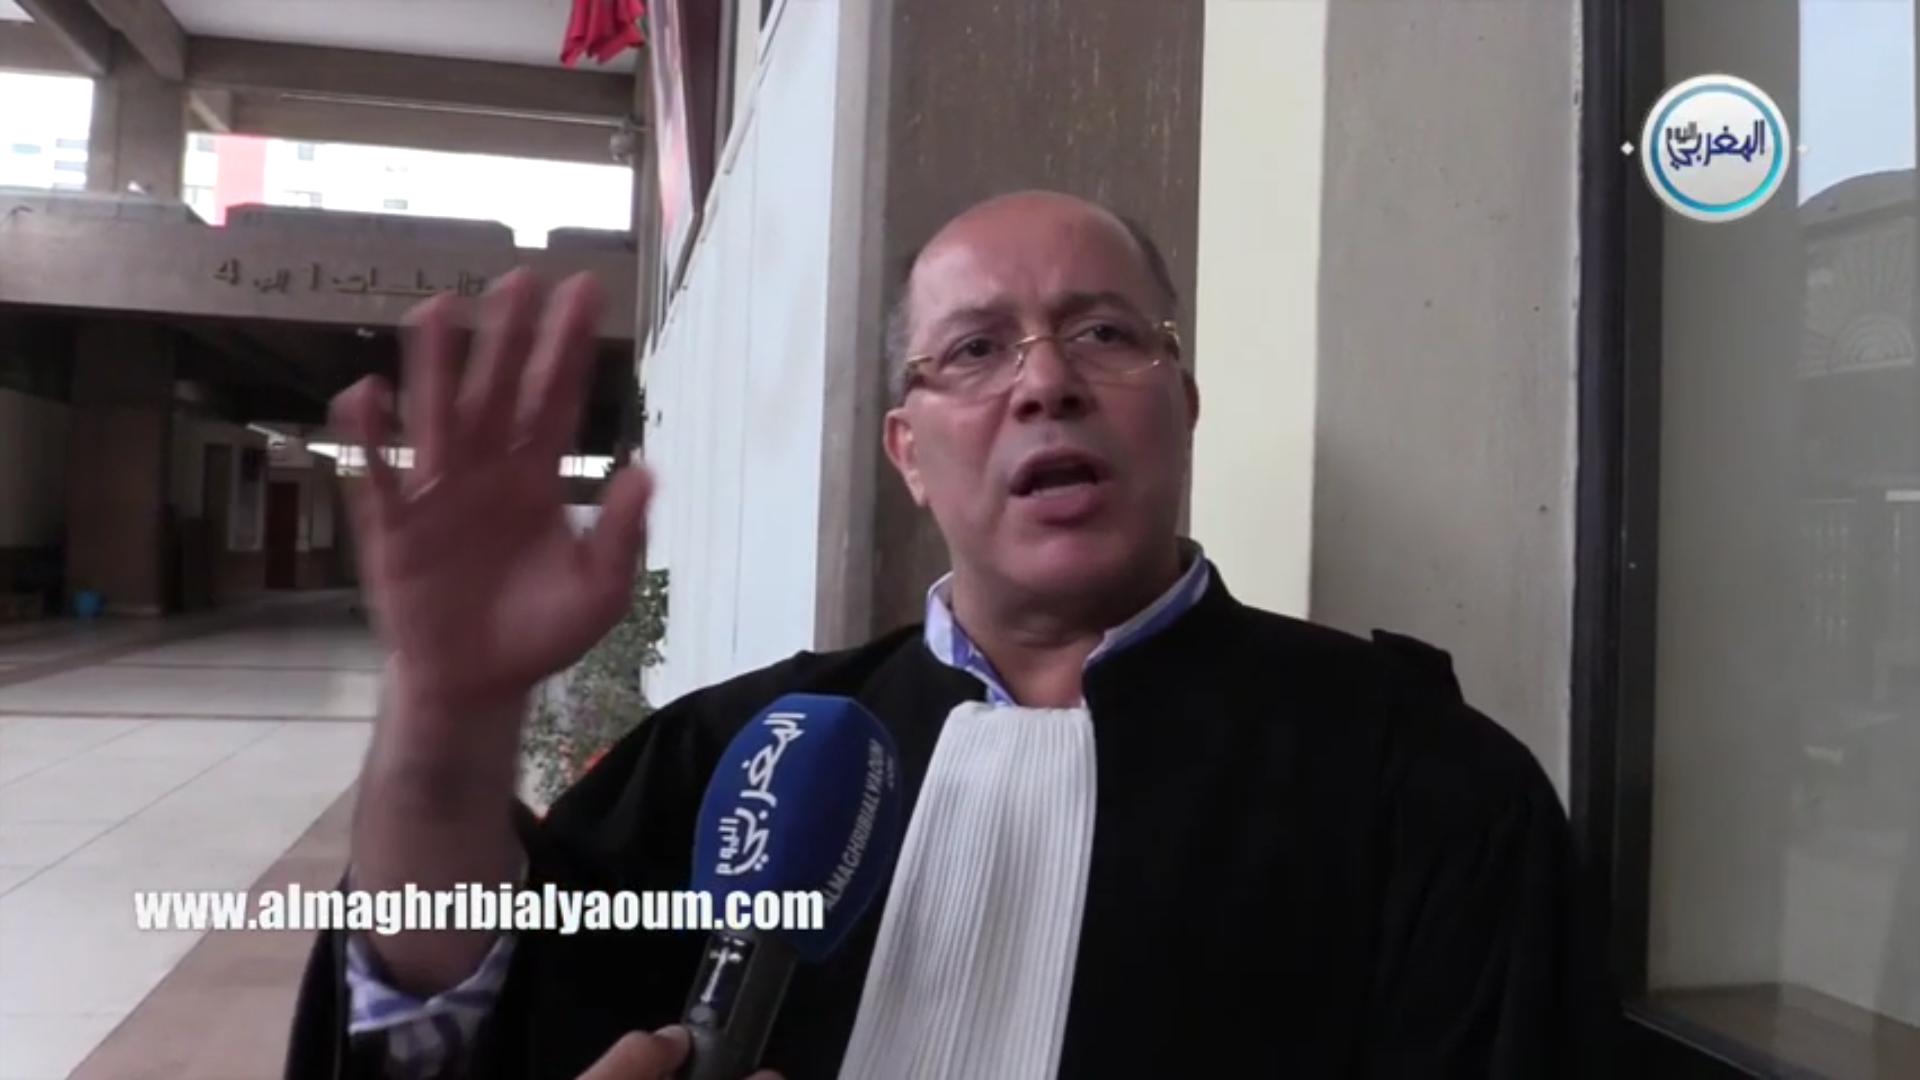 بالفيديو… المحامي كروط يكشف دخول المجلس الوطني لحقوق الإنسان على الخط لإنصاف ضحايا بوعشرين